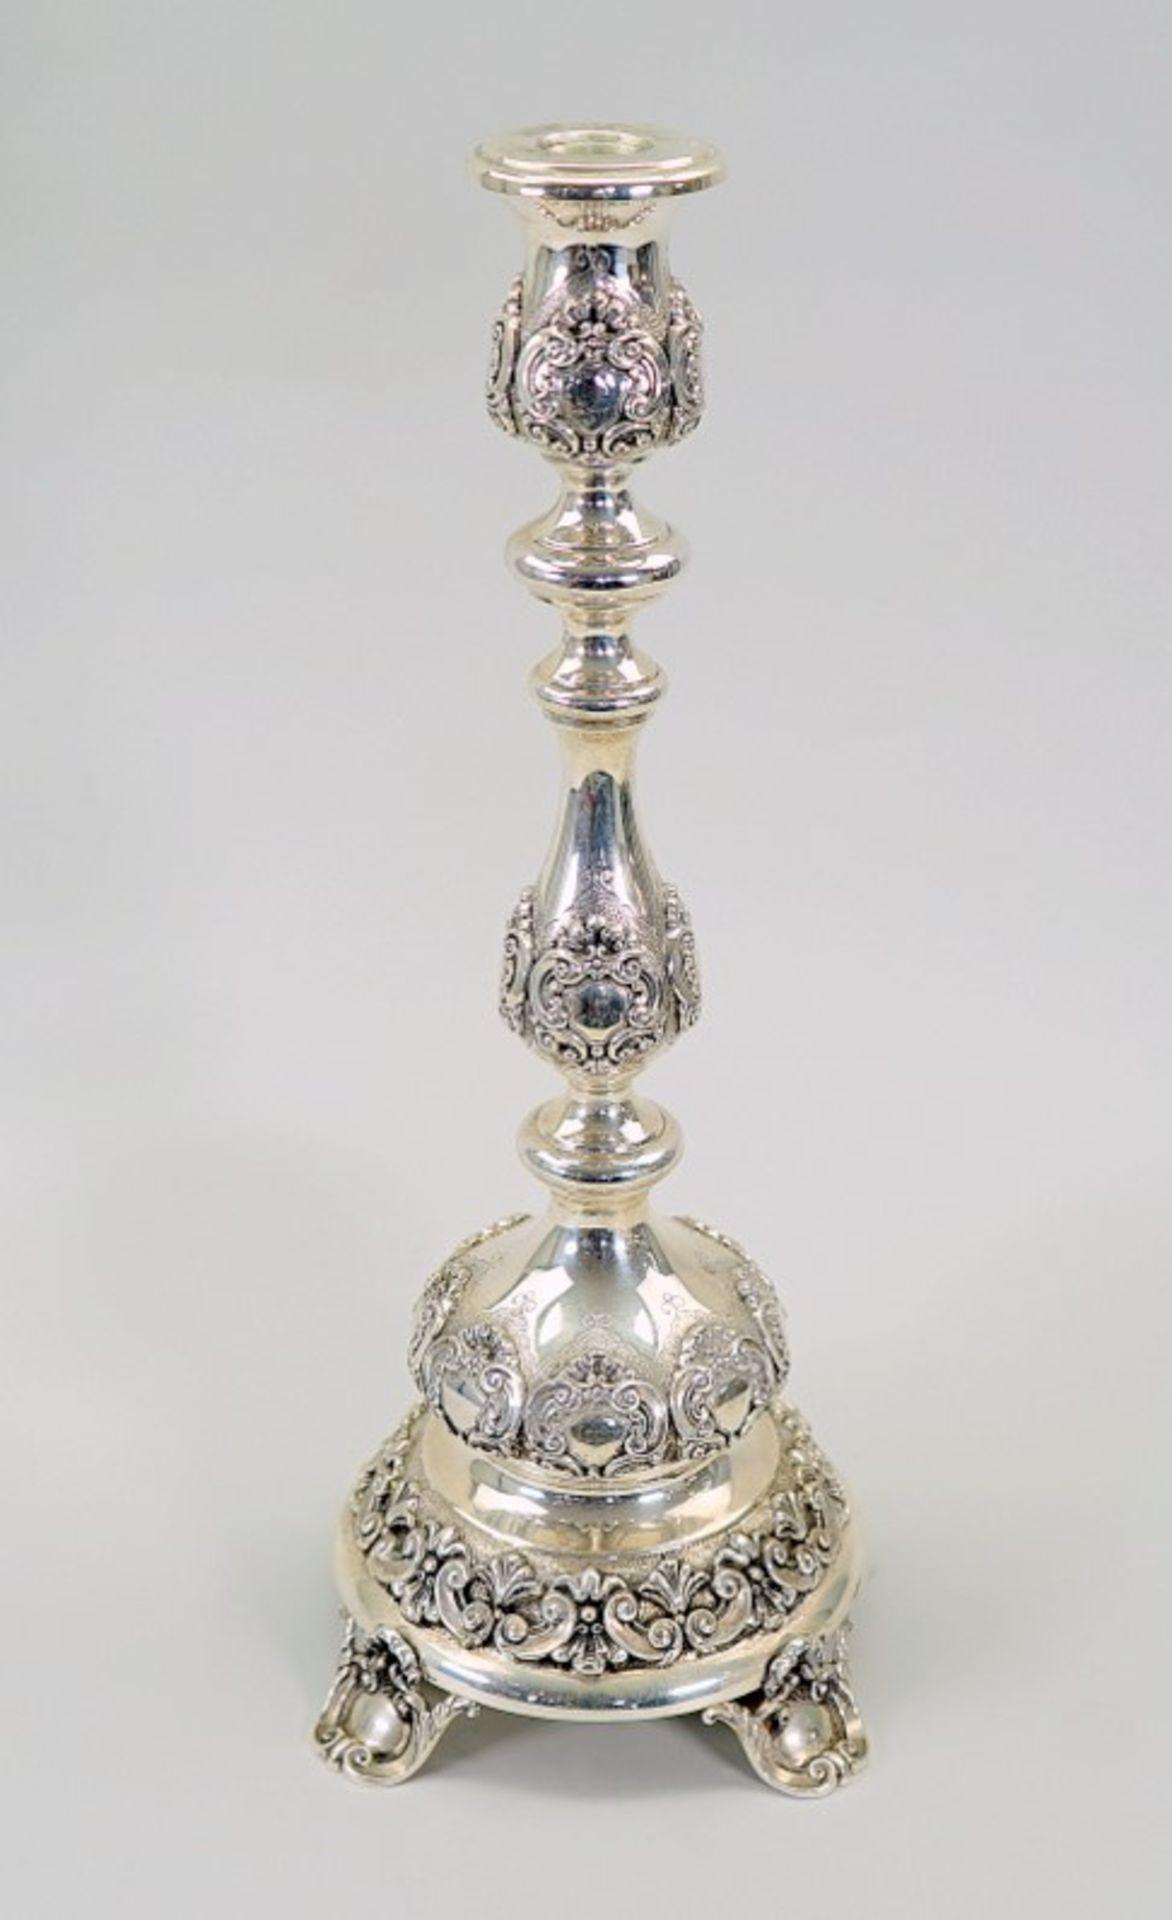 Silber-Kandelaber - Image 2 of 8